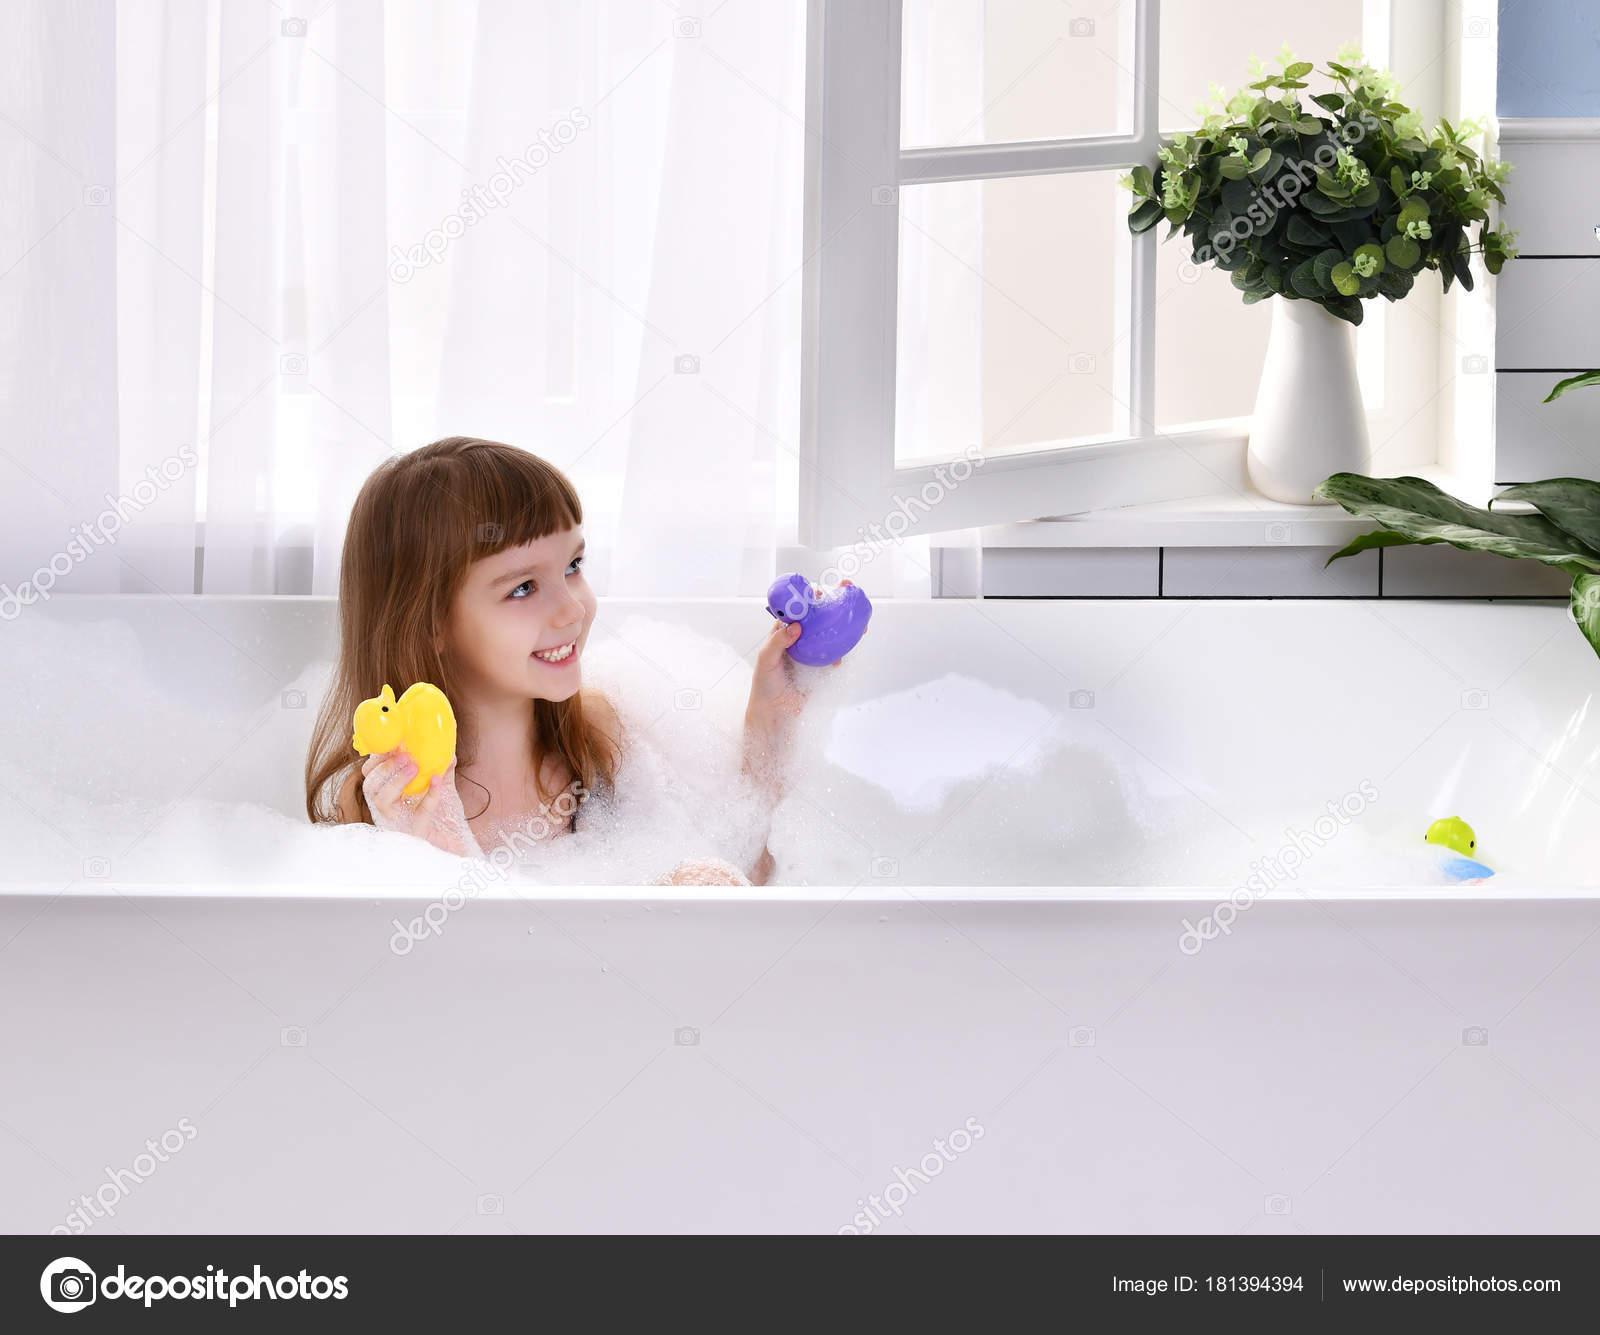 Carrelage Mural Salle De Bain Frazzi ~ Petite Fille Heureux Assis Dans La Baignoire Jouant Avec Des Jouets